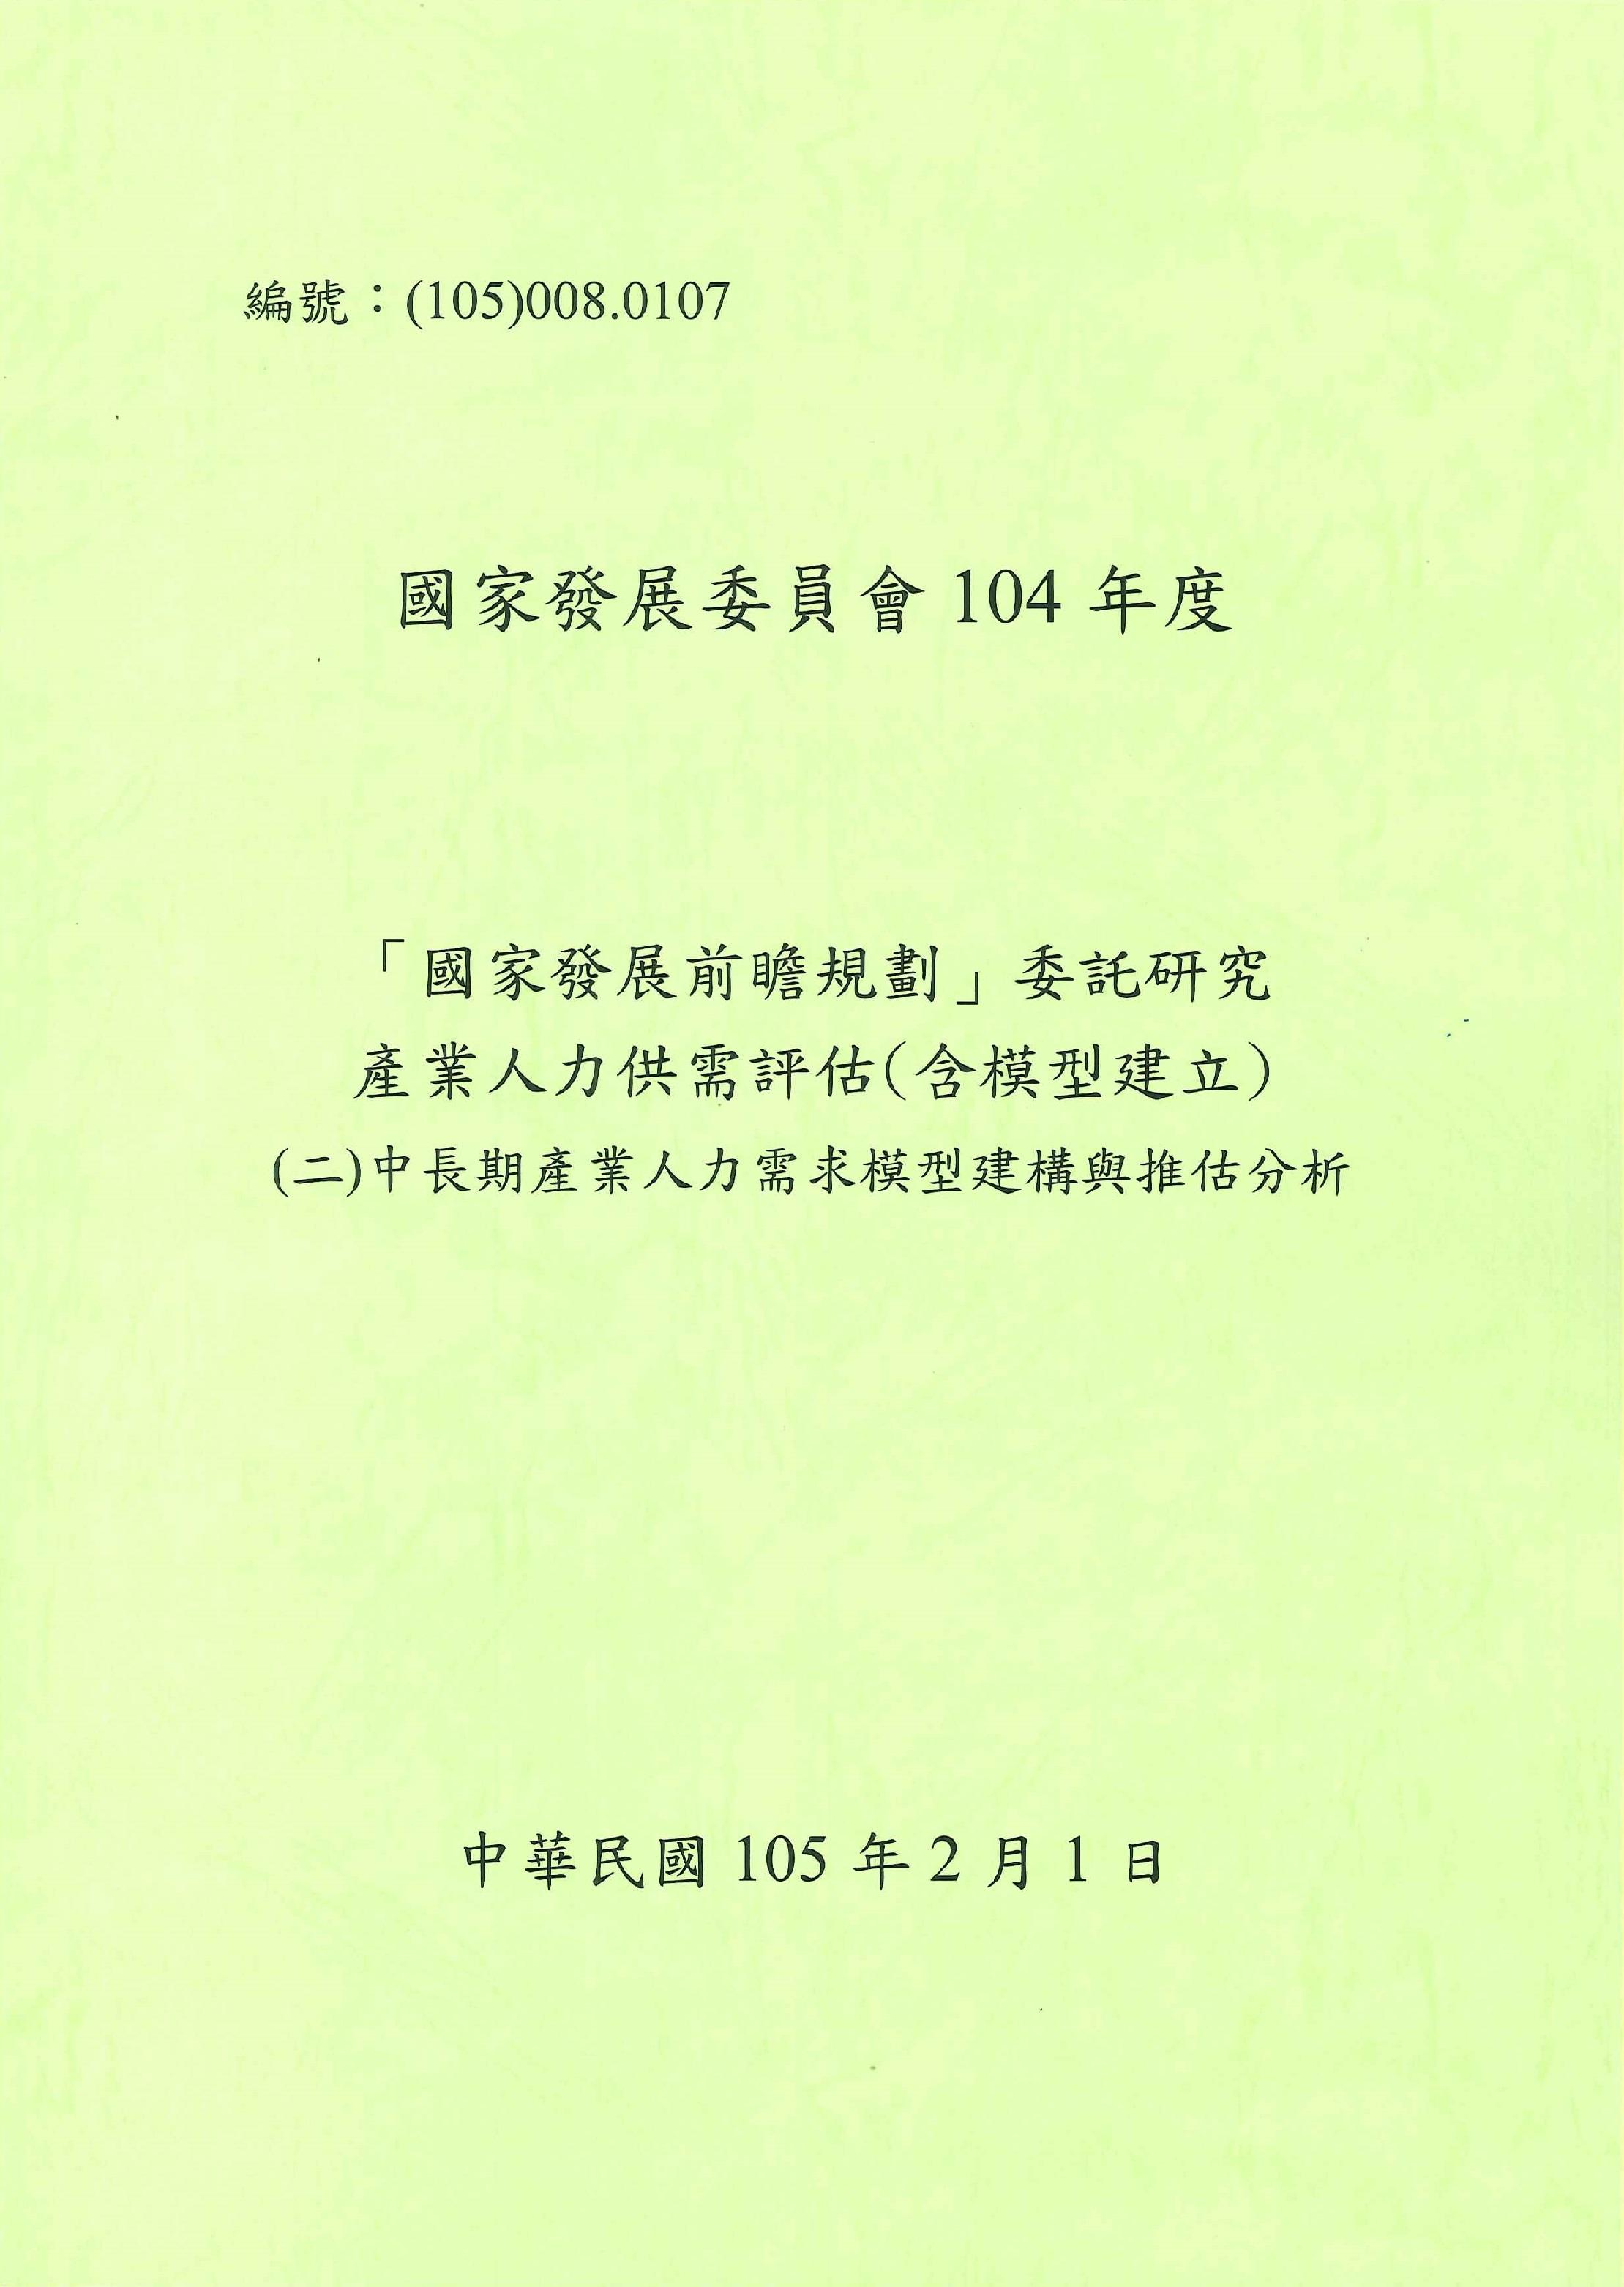 104年「國家發展前瞻規劃」委託研究產業人力供需評估(含模型建立).中長期產業人力需求模型建構與推估分析.二